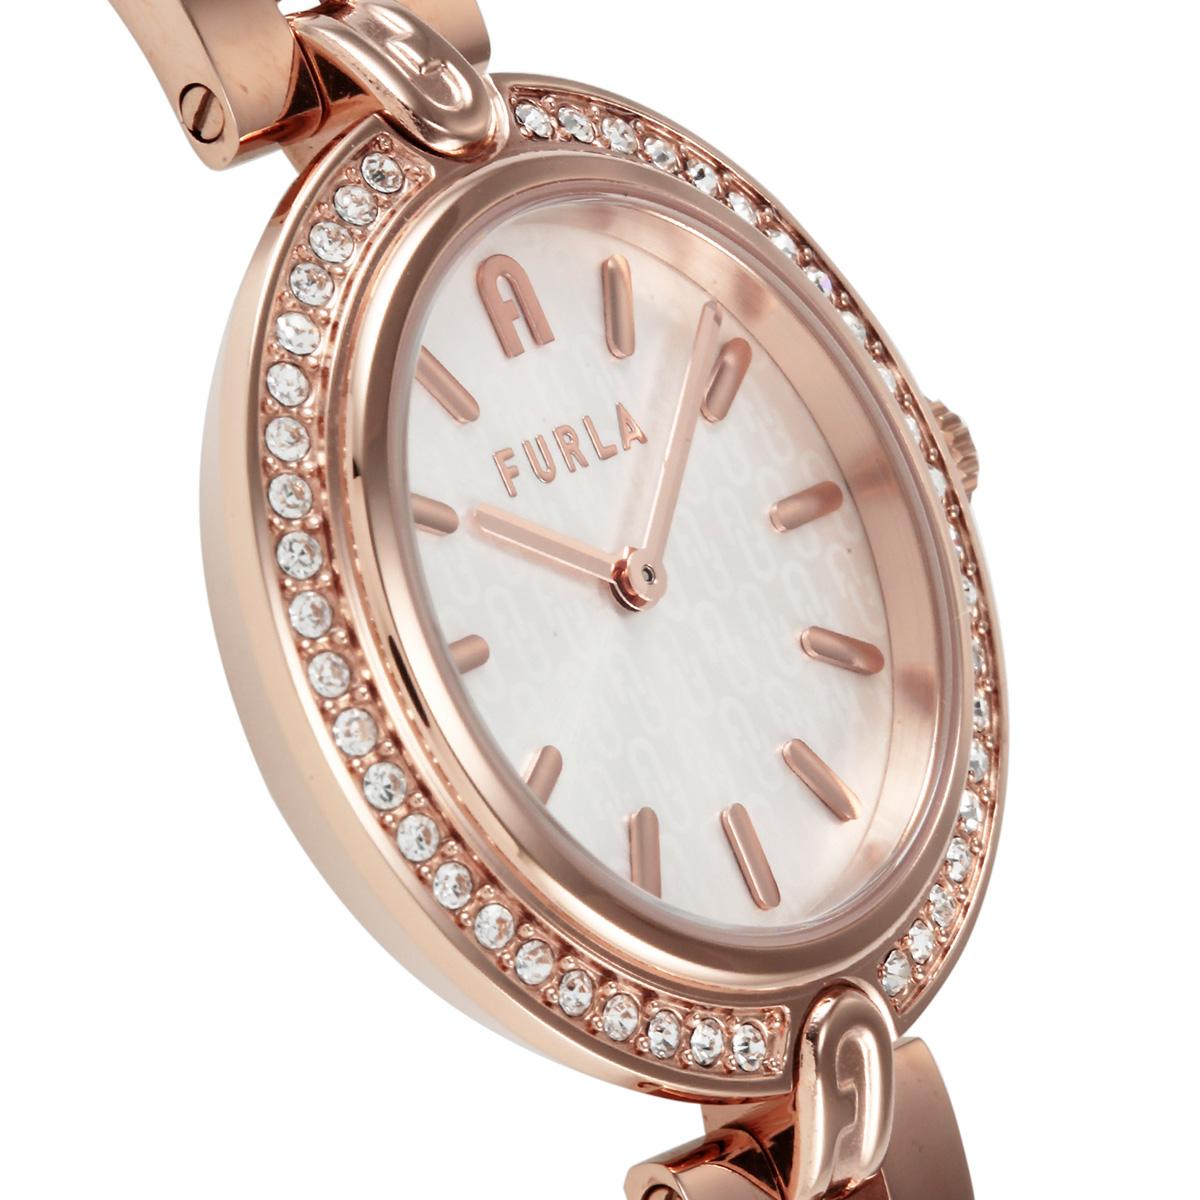 フルラ Furla 腕時計 レディース フルラロゴリンクス FURLA LOGO LINKS WW00002003L3